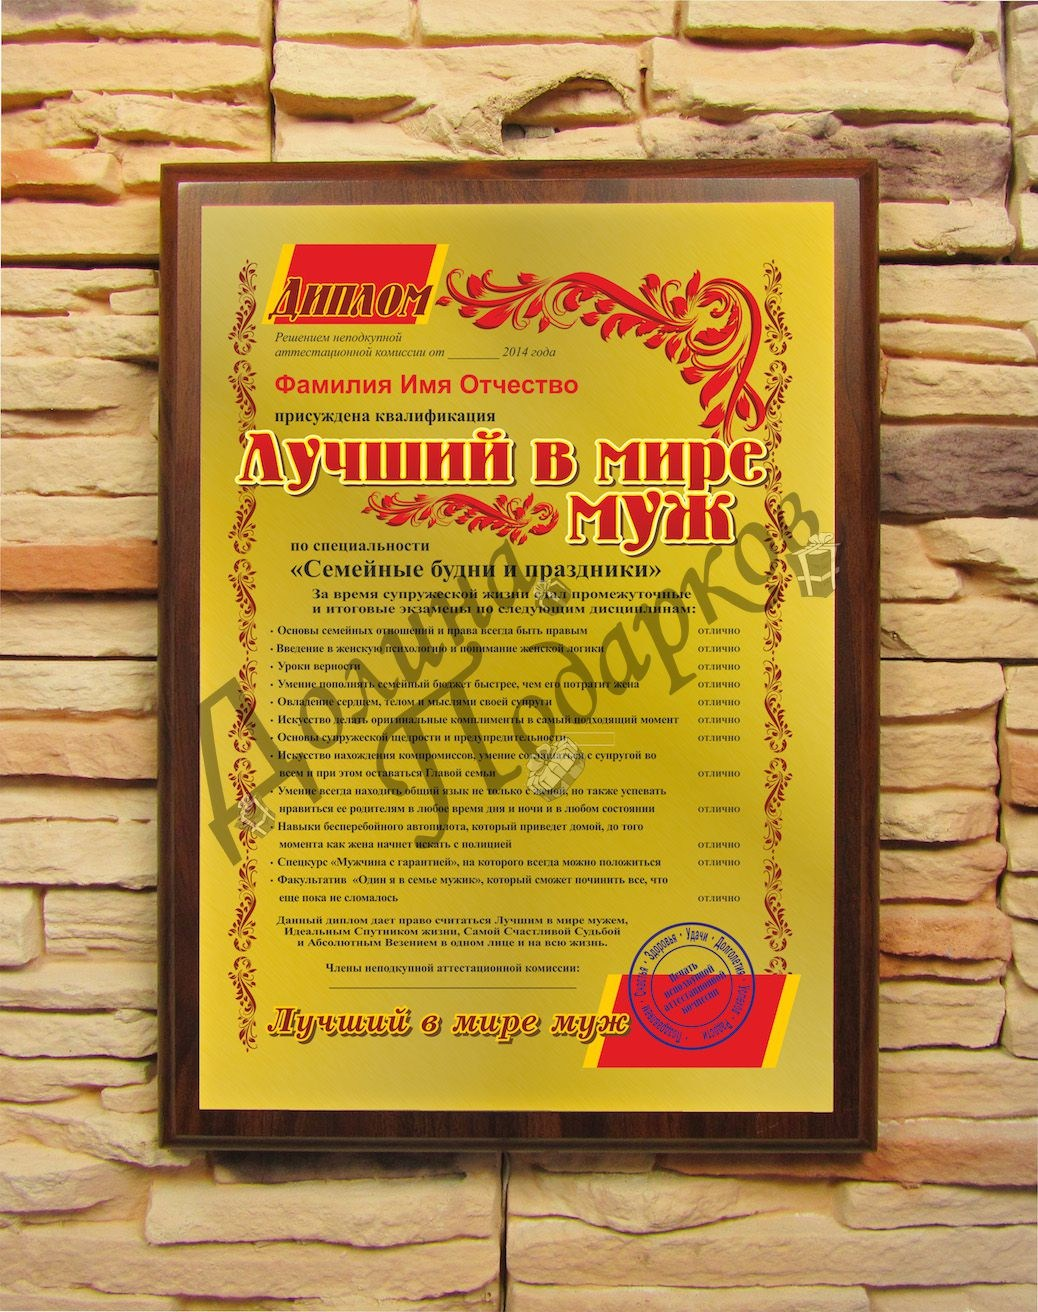 Почетный диплом Лучший в мире муж купить диплом мужу в подарок Почетный диплом Лучший в мире муж